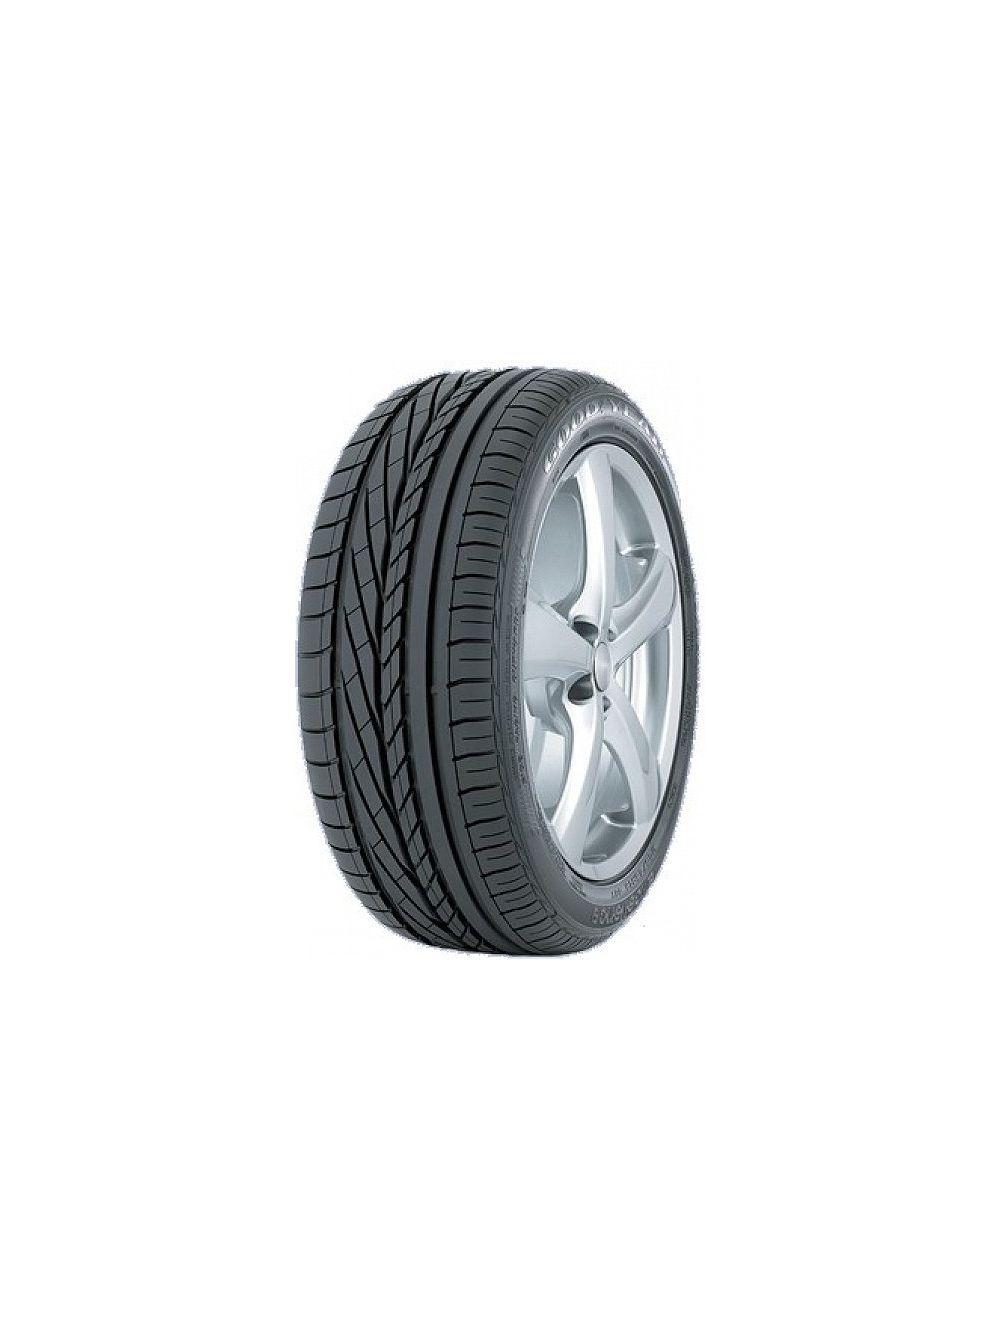 Goodyear 275/40R19 Y Excellence ROF* Nyári gumi